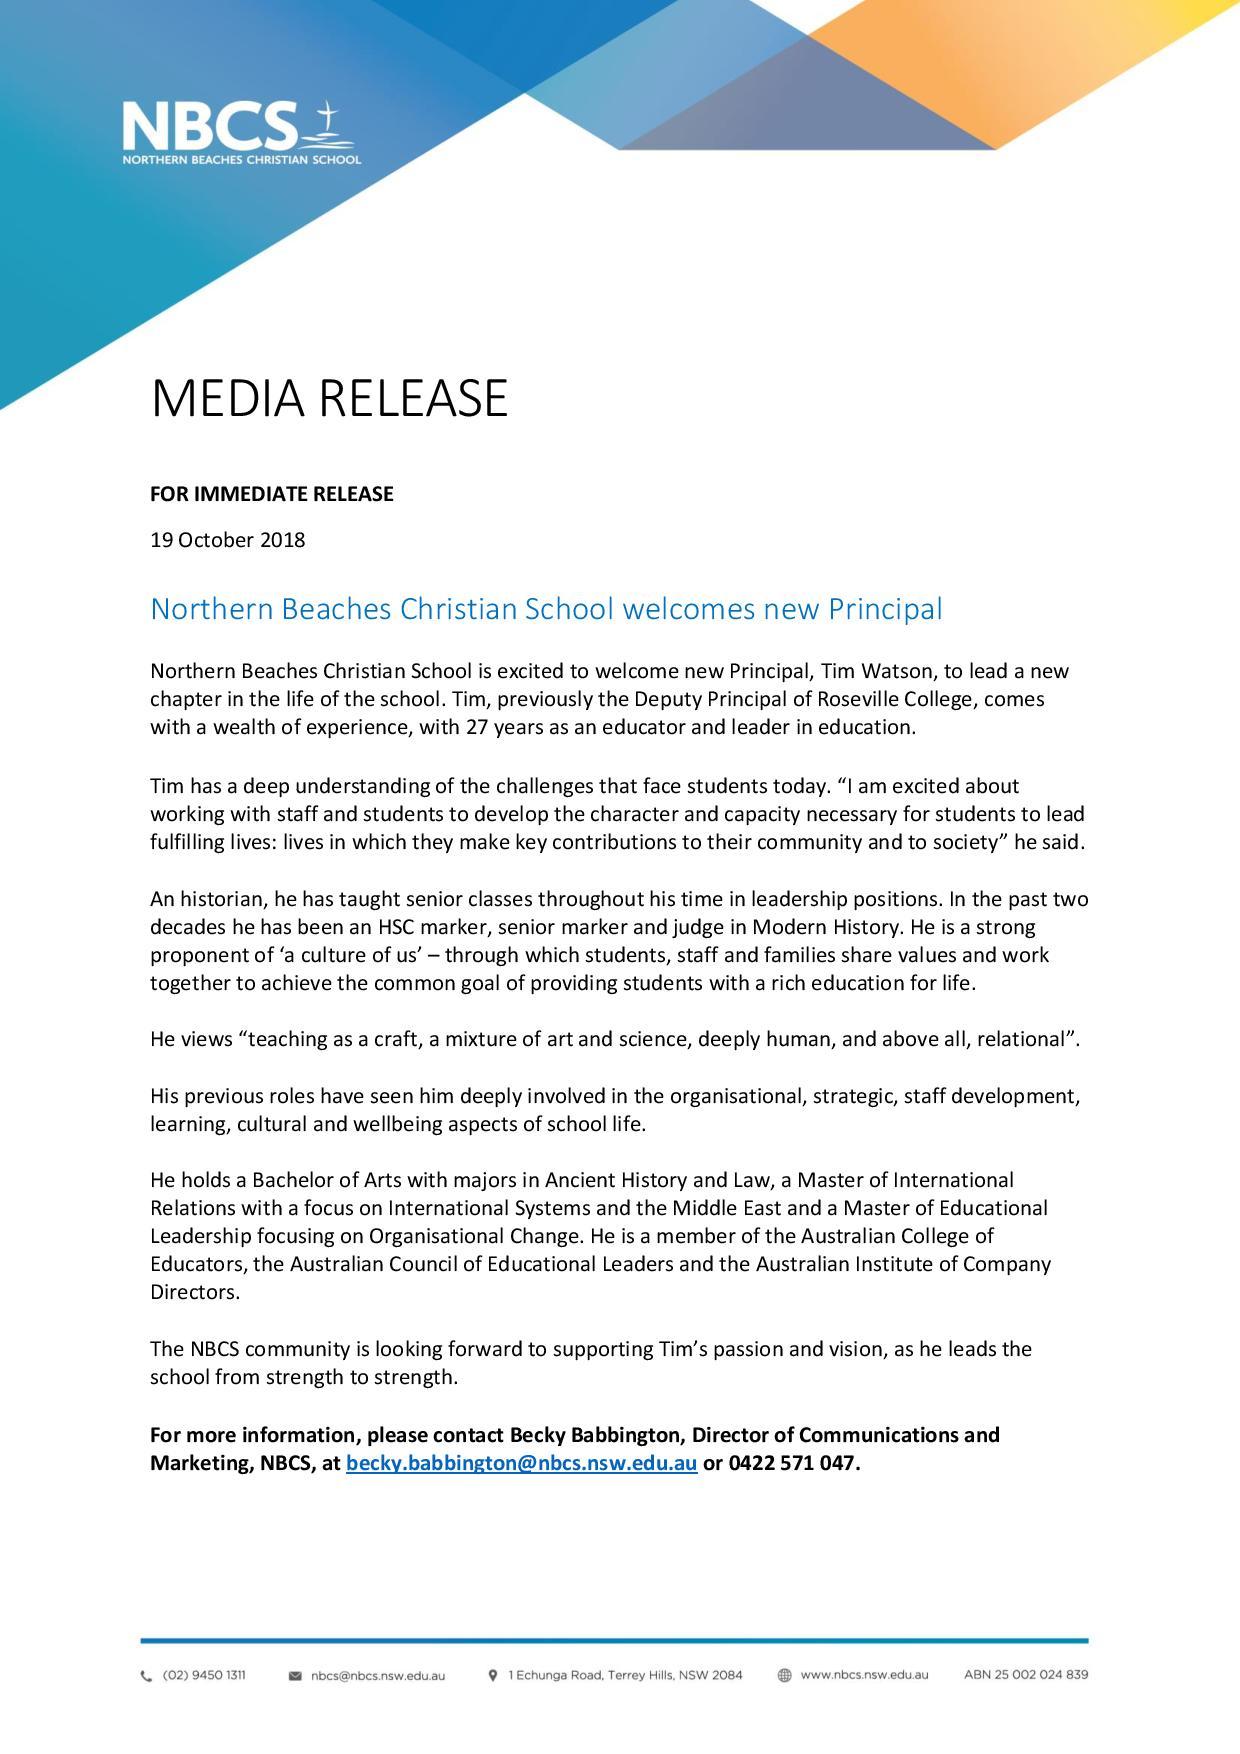 NBCS media release